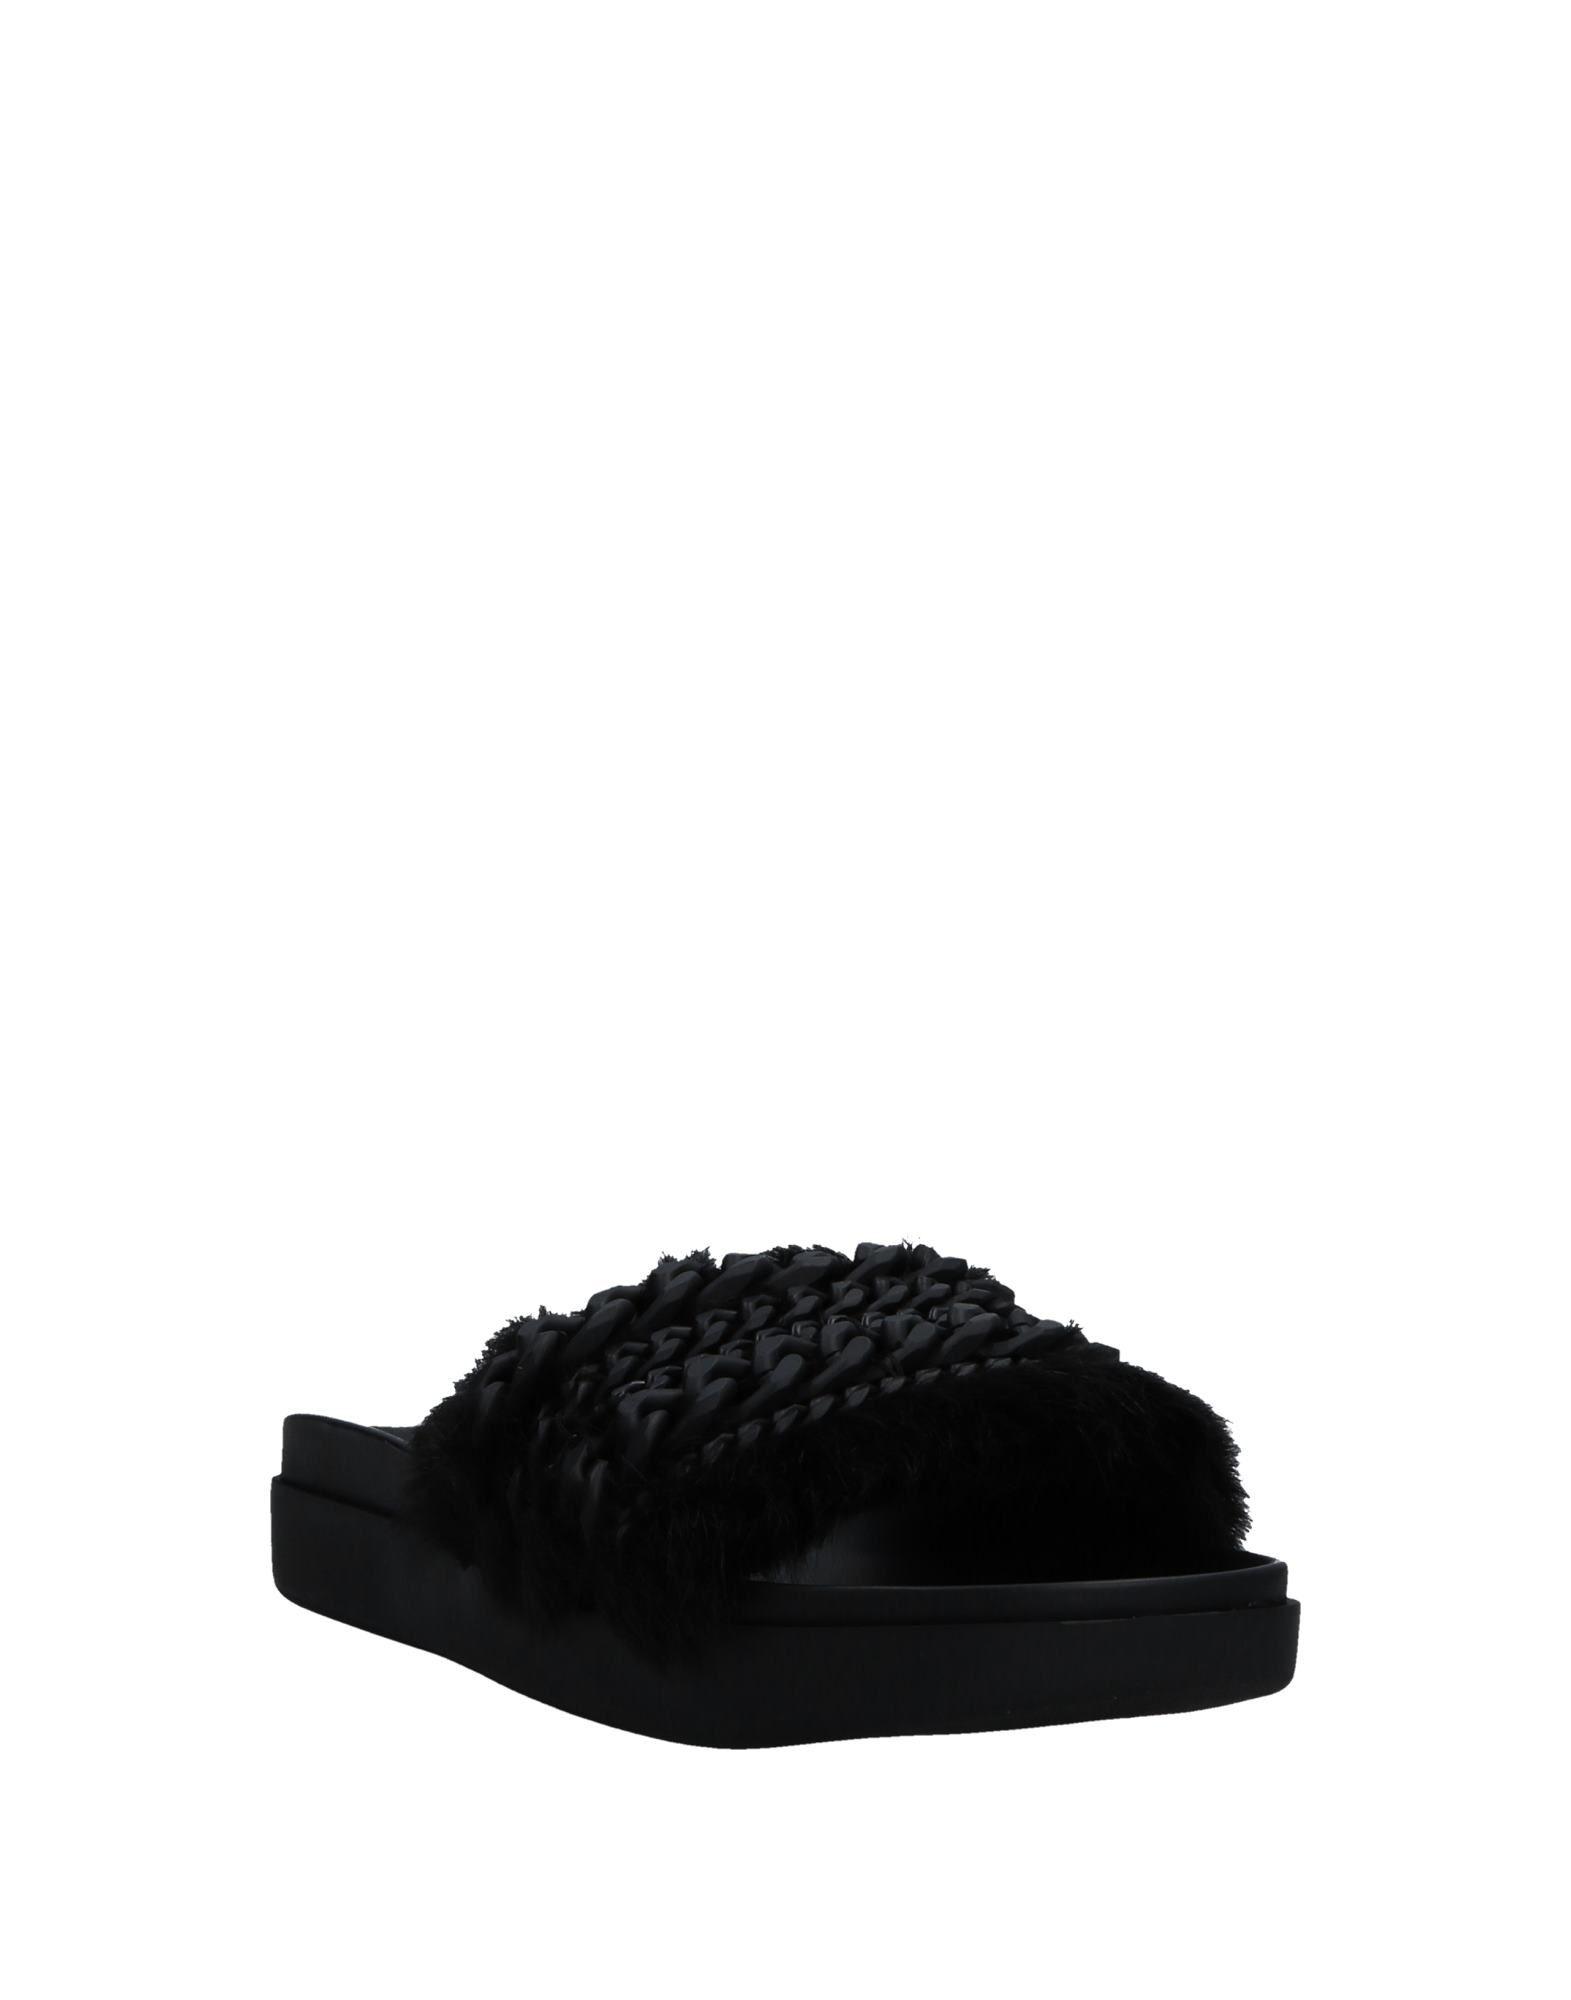 Kendall + Kylie Sandalen Damen  11526790MH Gute Qualität beliebte Schuhe